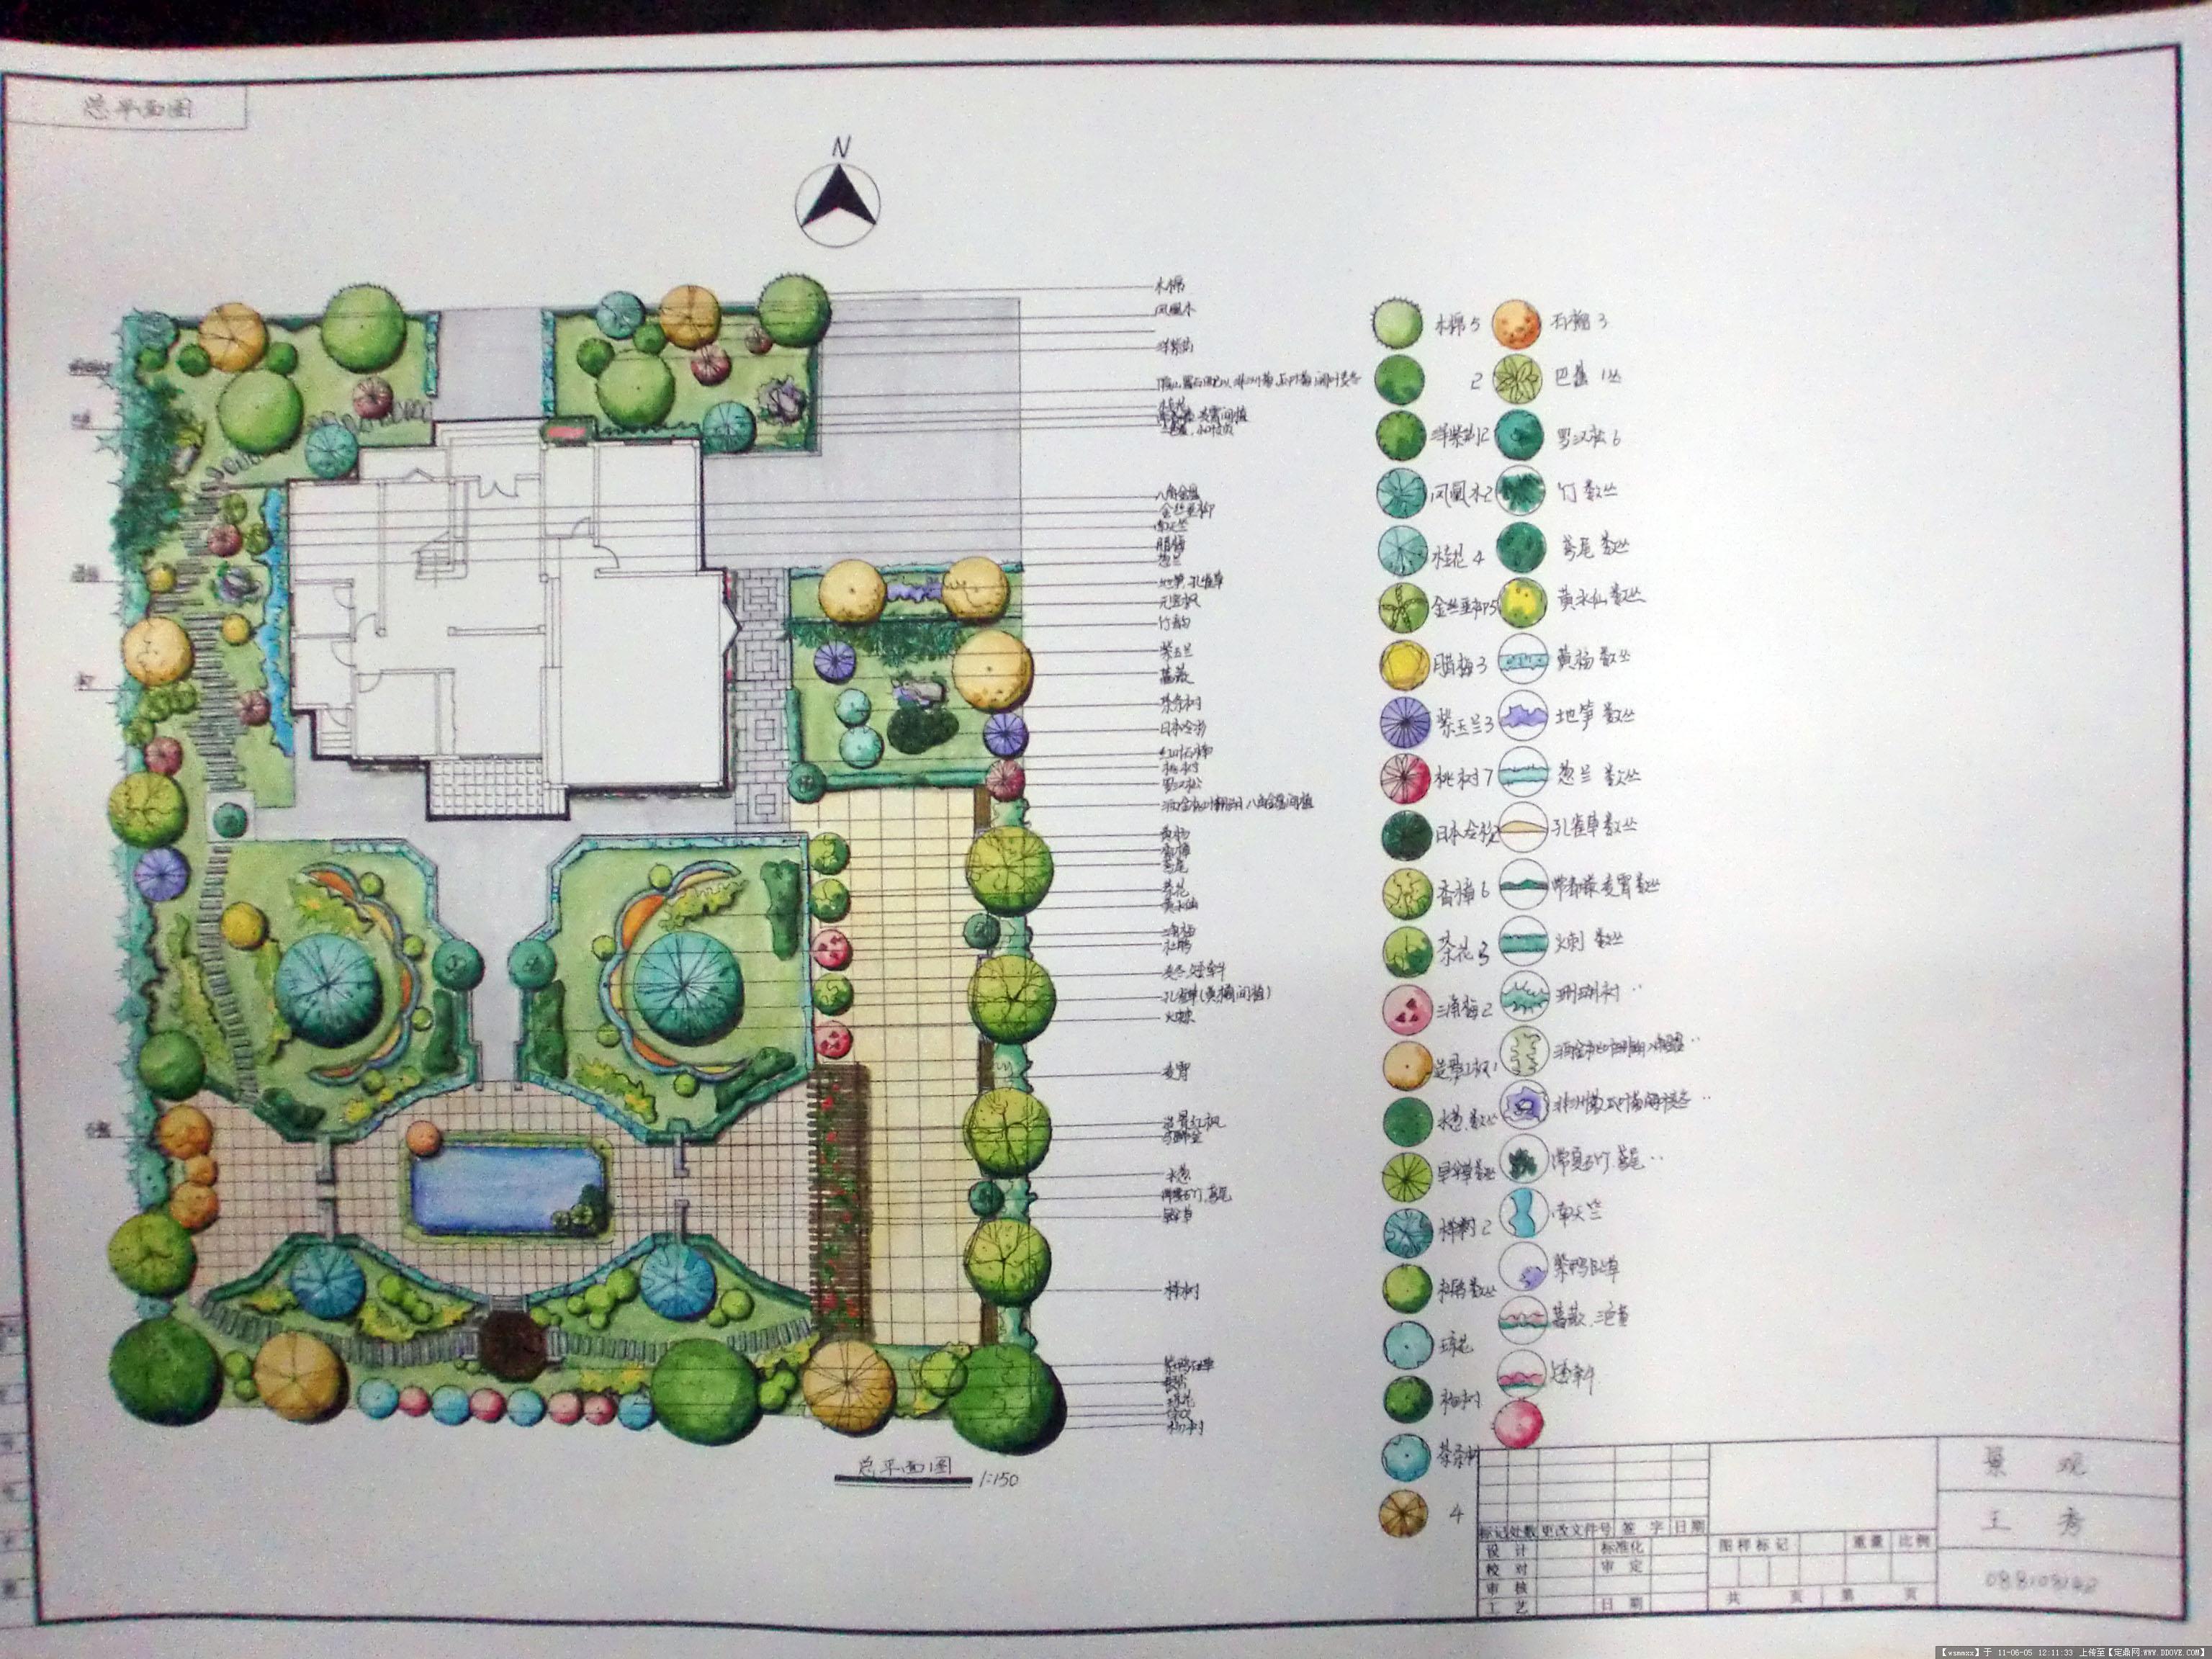 手绘资料-某别墅的植物配置及规划图-大图